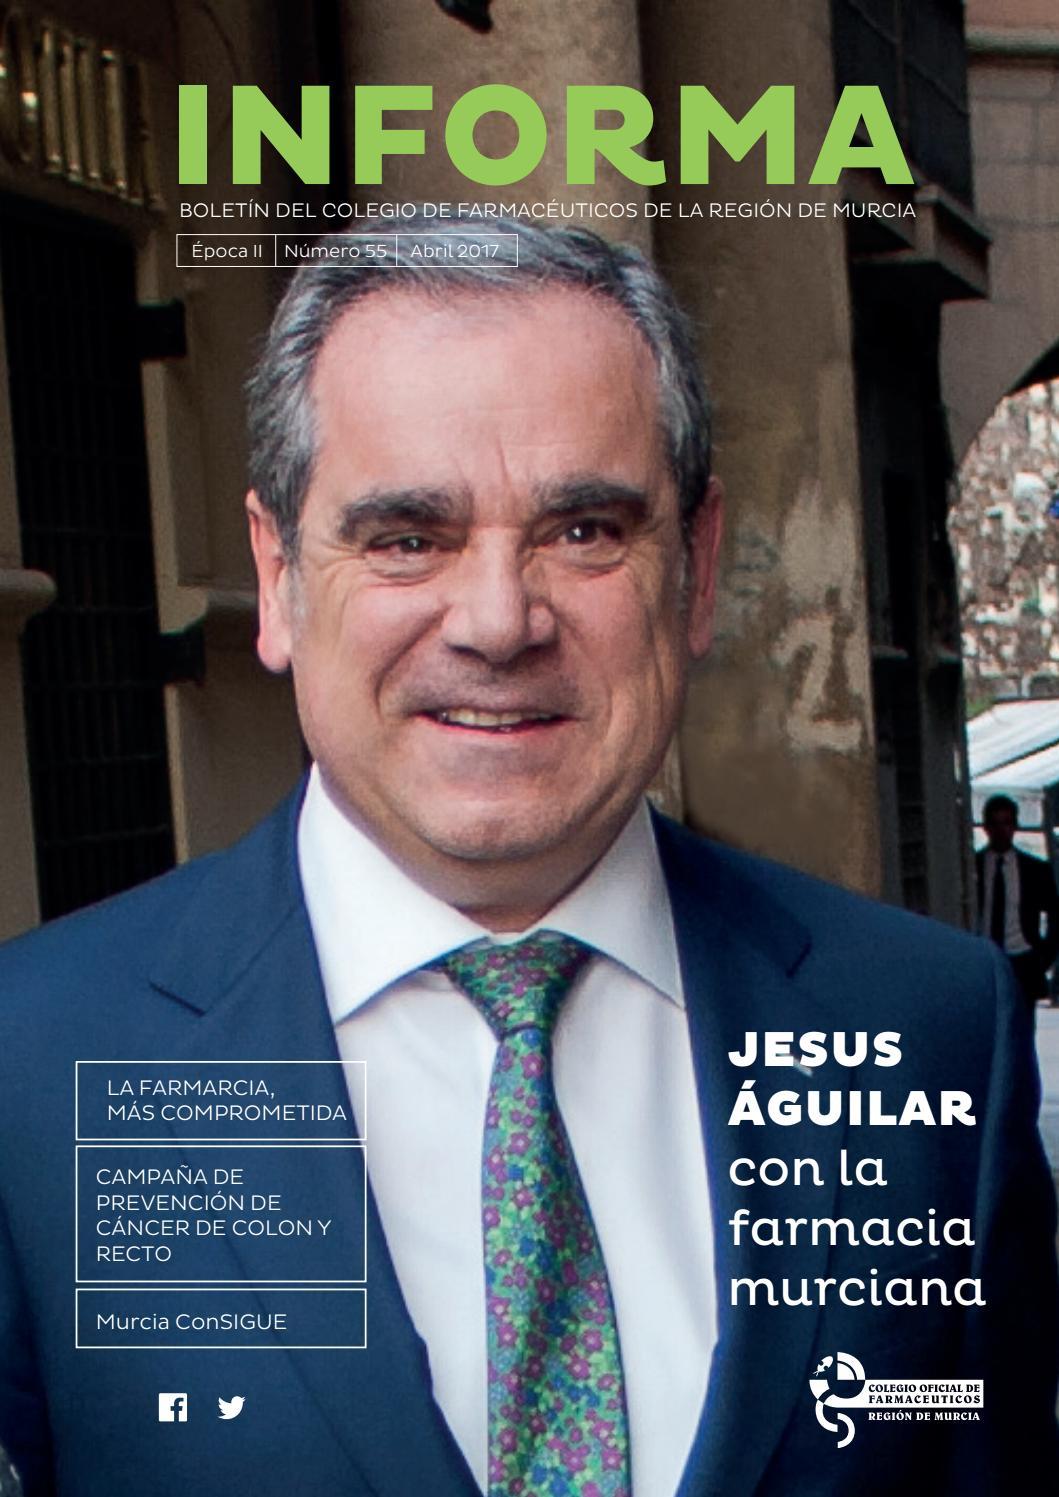 Informa Nº 55 by Colegio Oficial de Farmacéuticos de la Región de ...